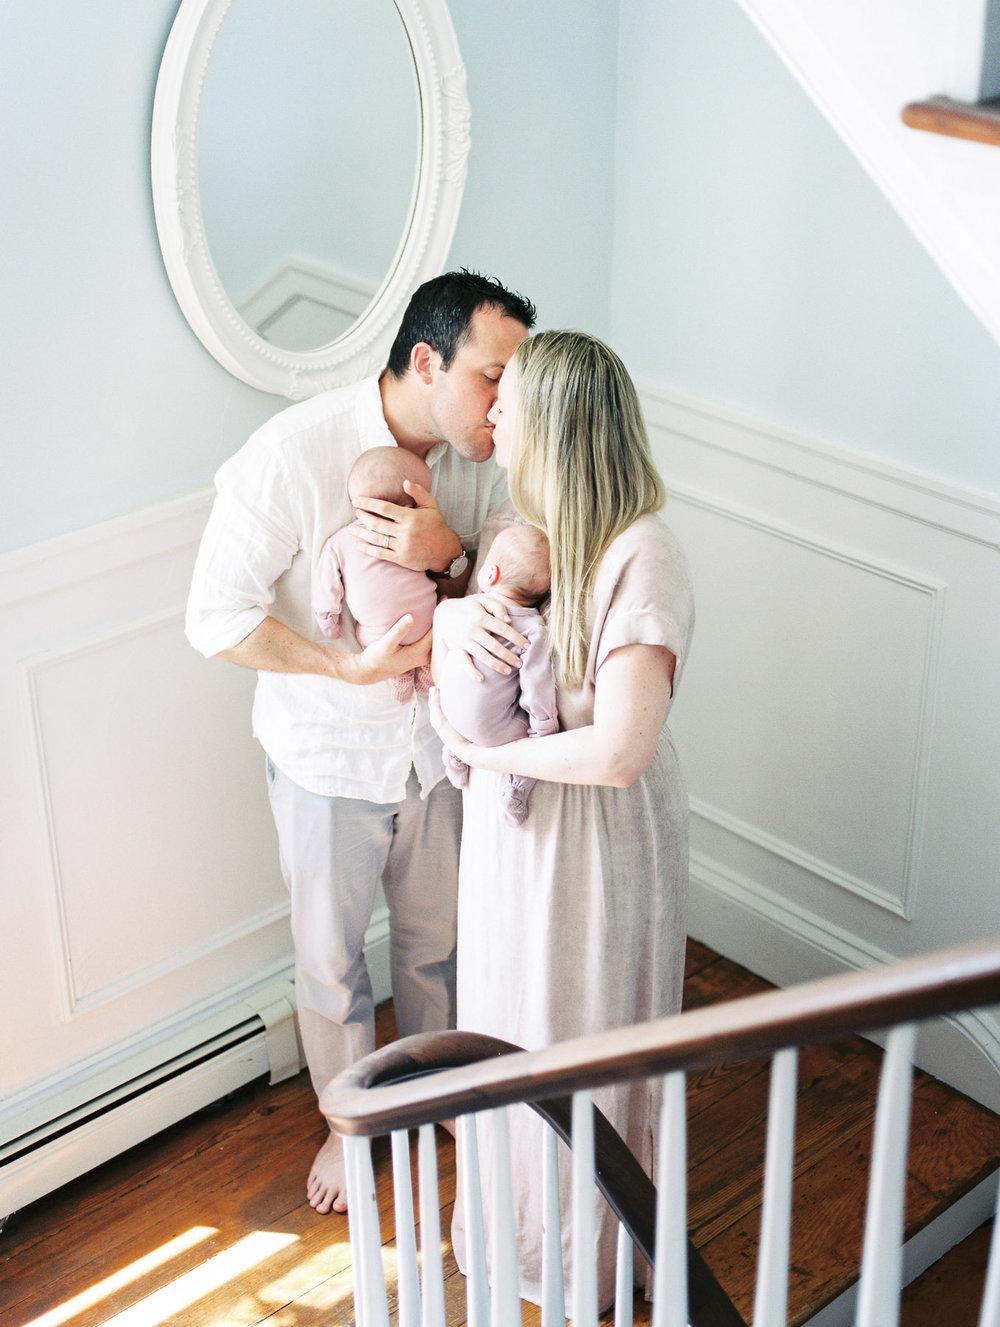 Staircase Family Photos